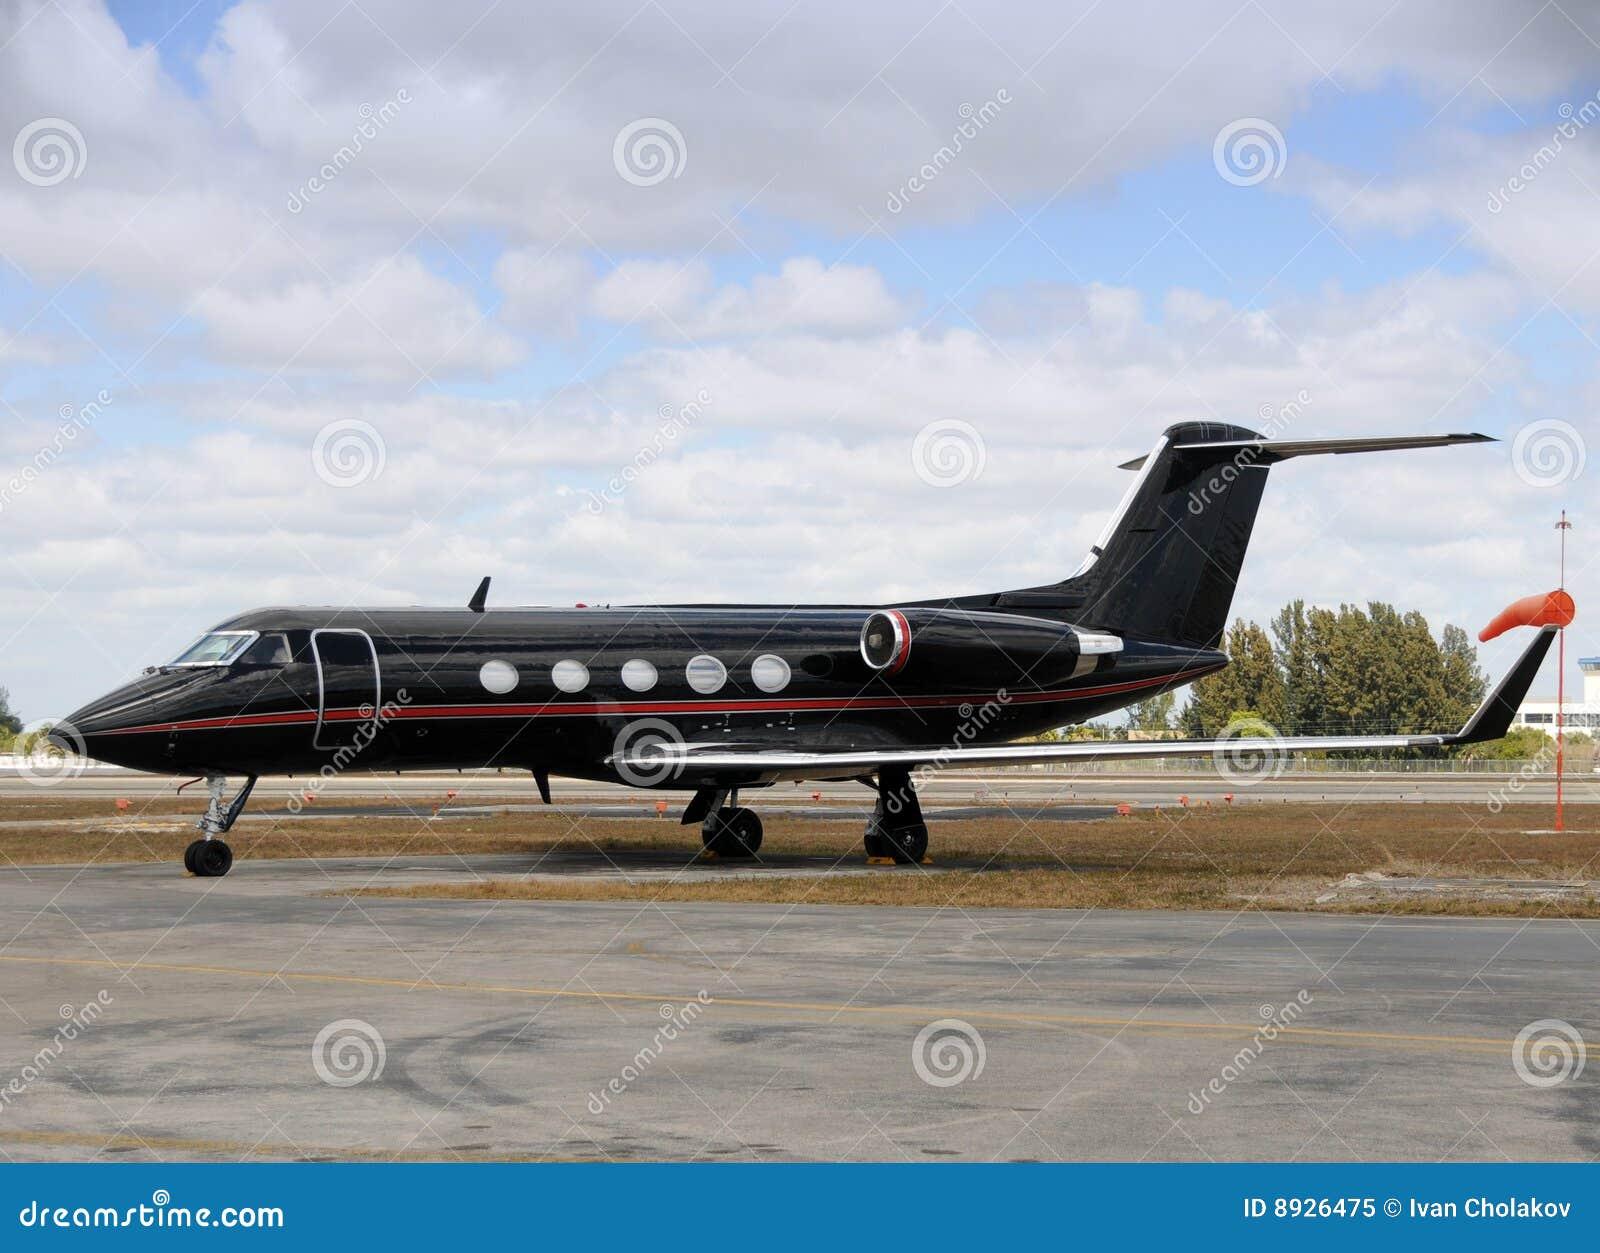 avion noir d 39 avion r action image stock image du luxe luxueux 8926475. Black Bedroom Furniture Sets. Home Design Ideas